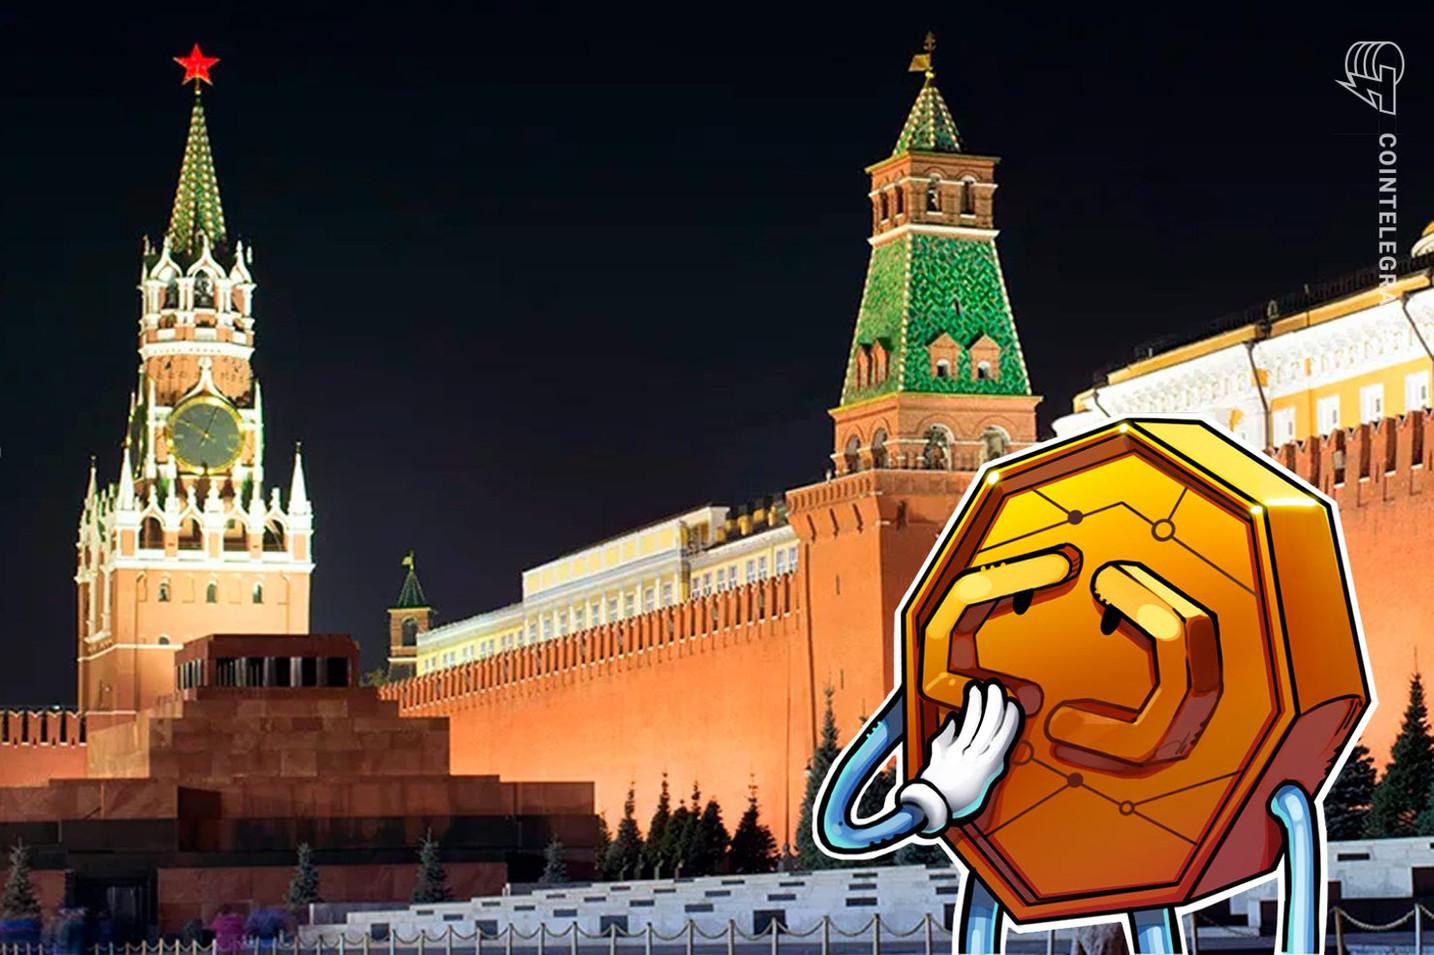 ロシア中央銀行総裁「デジタル通貨を発行する必要性はない」 利点が明白ではないため